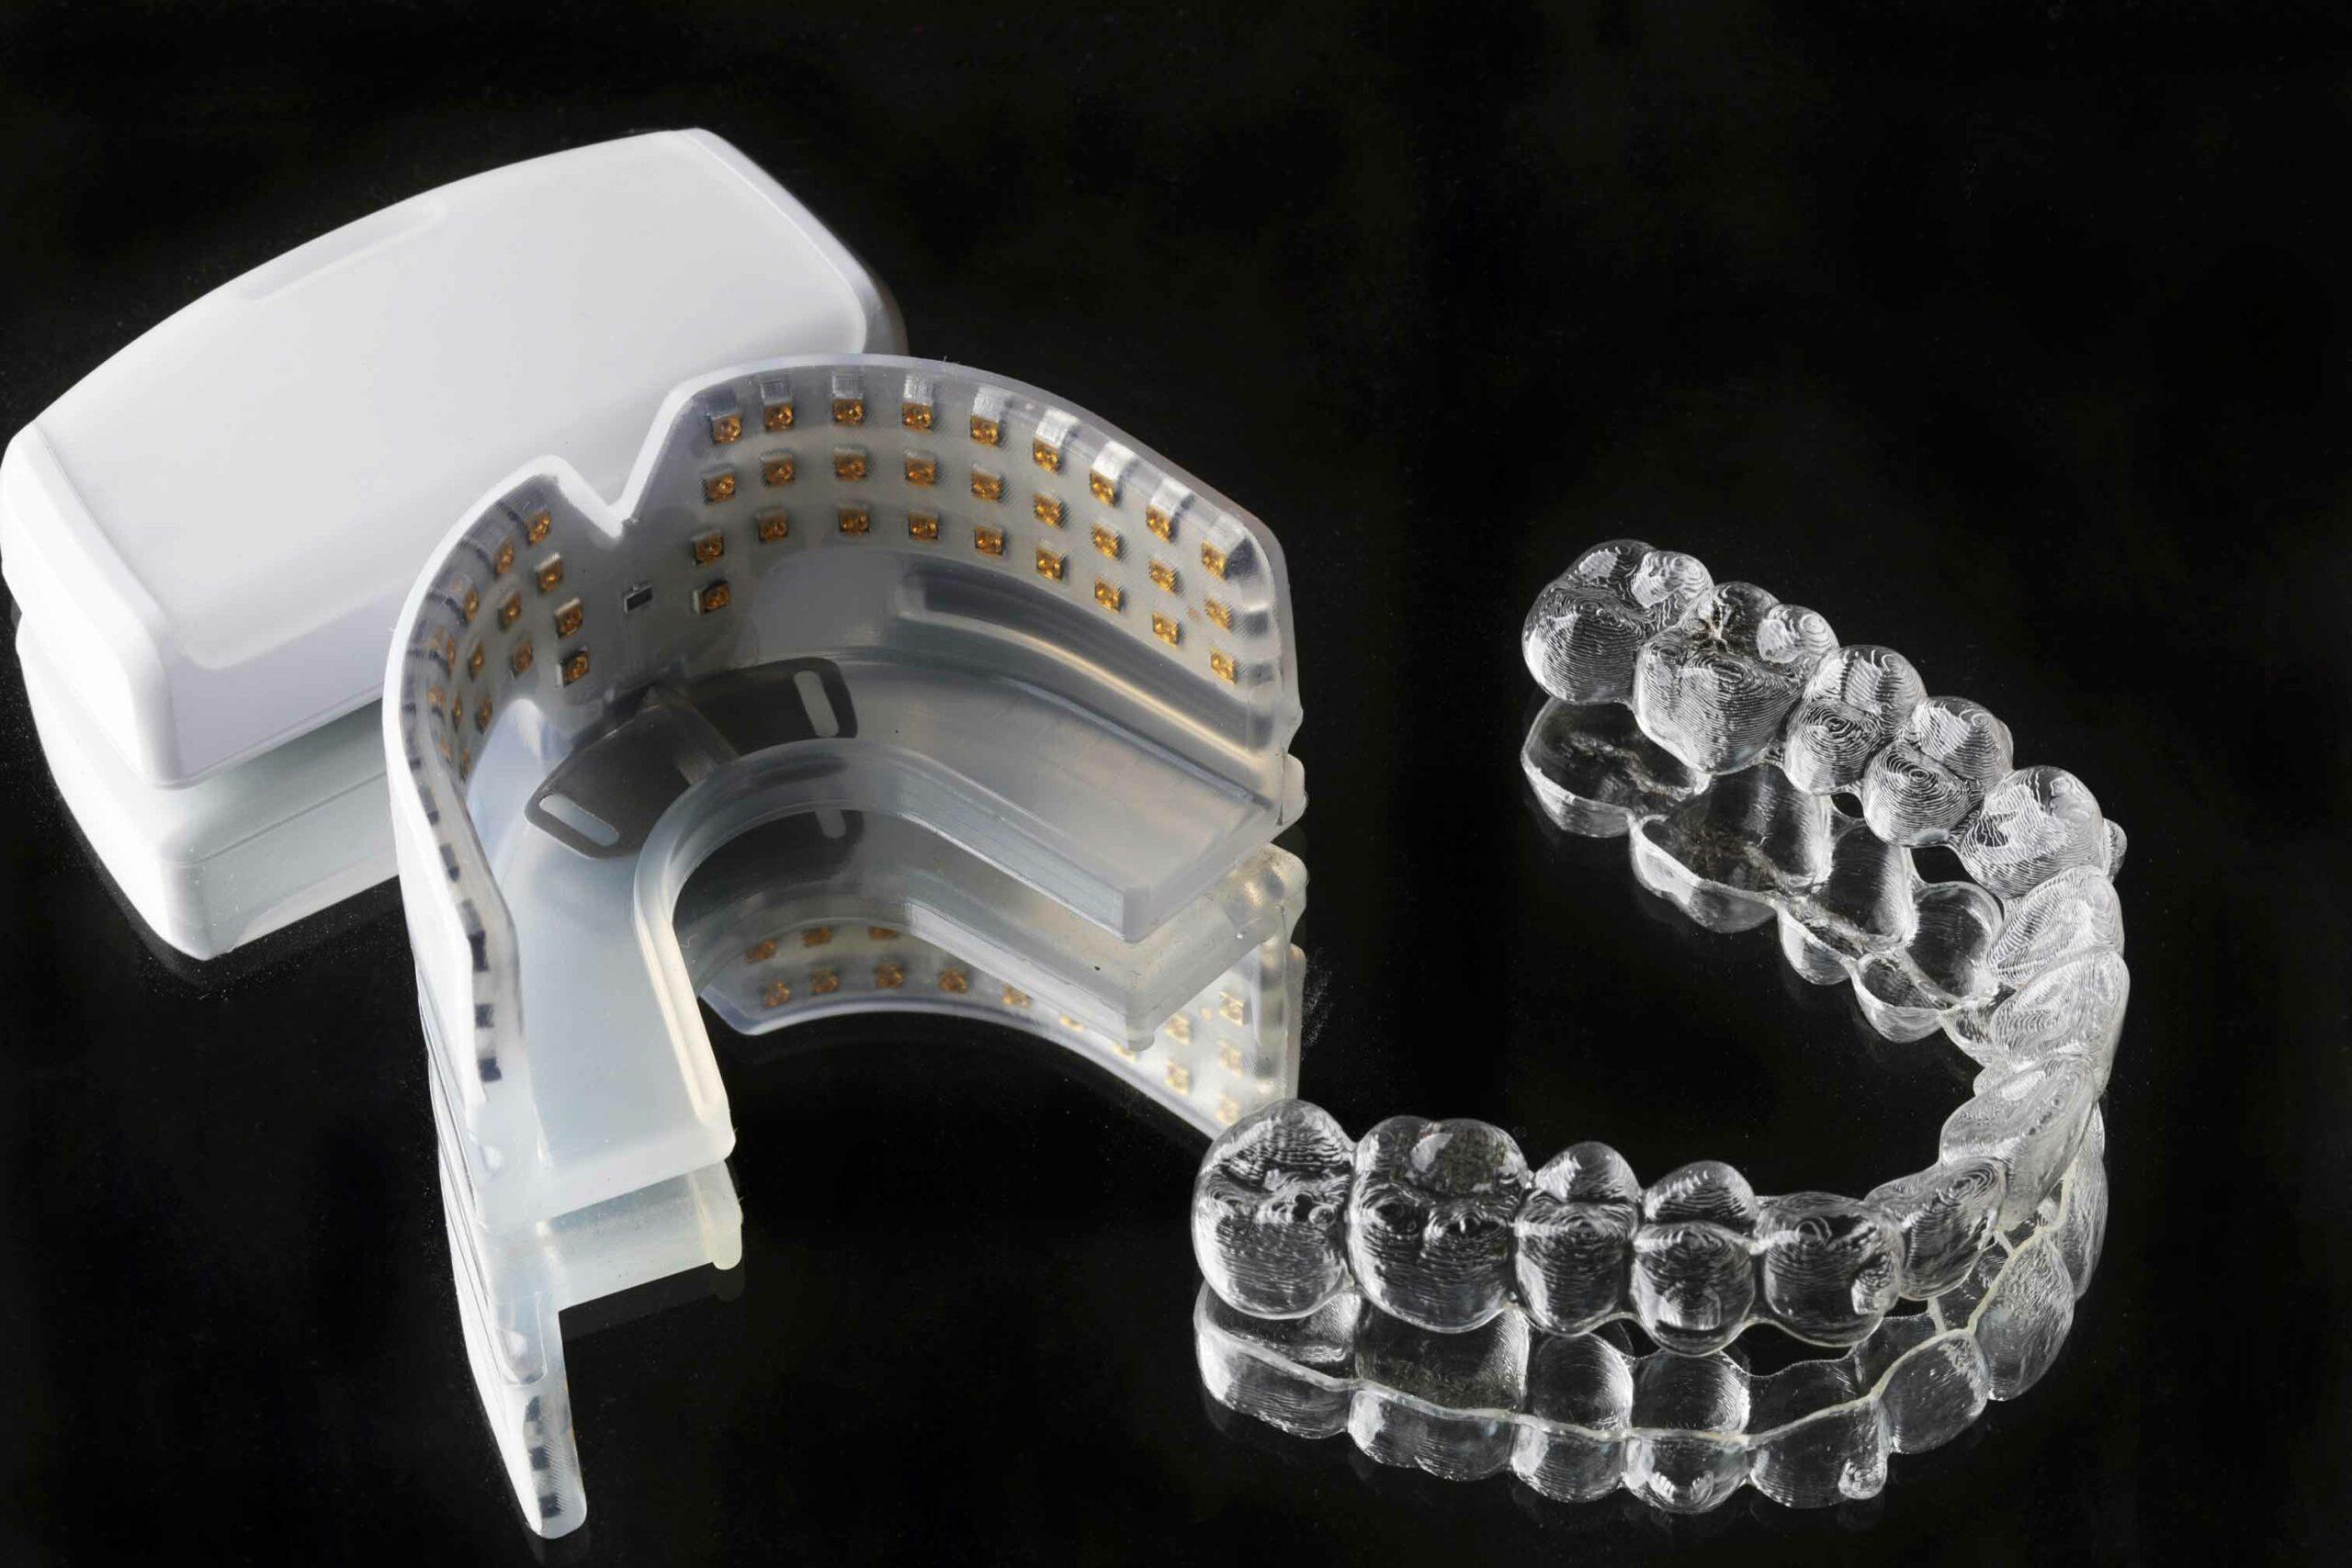 ▲祐民獨家引進OrthoPluse加速器,可促進細胞再生使牙齒容易被移動,在隱適美與加速器的搭配使用下,不僅讓矯正效果更快更好,還可以舒緩矯正中可能產生的痠痛。